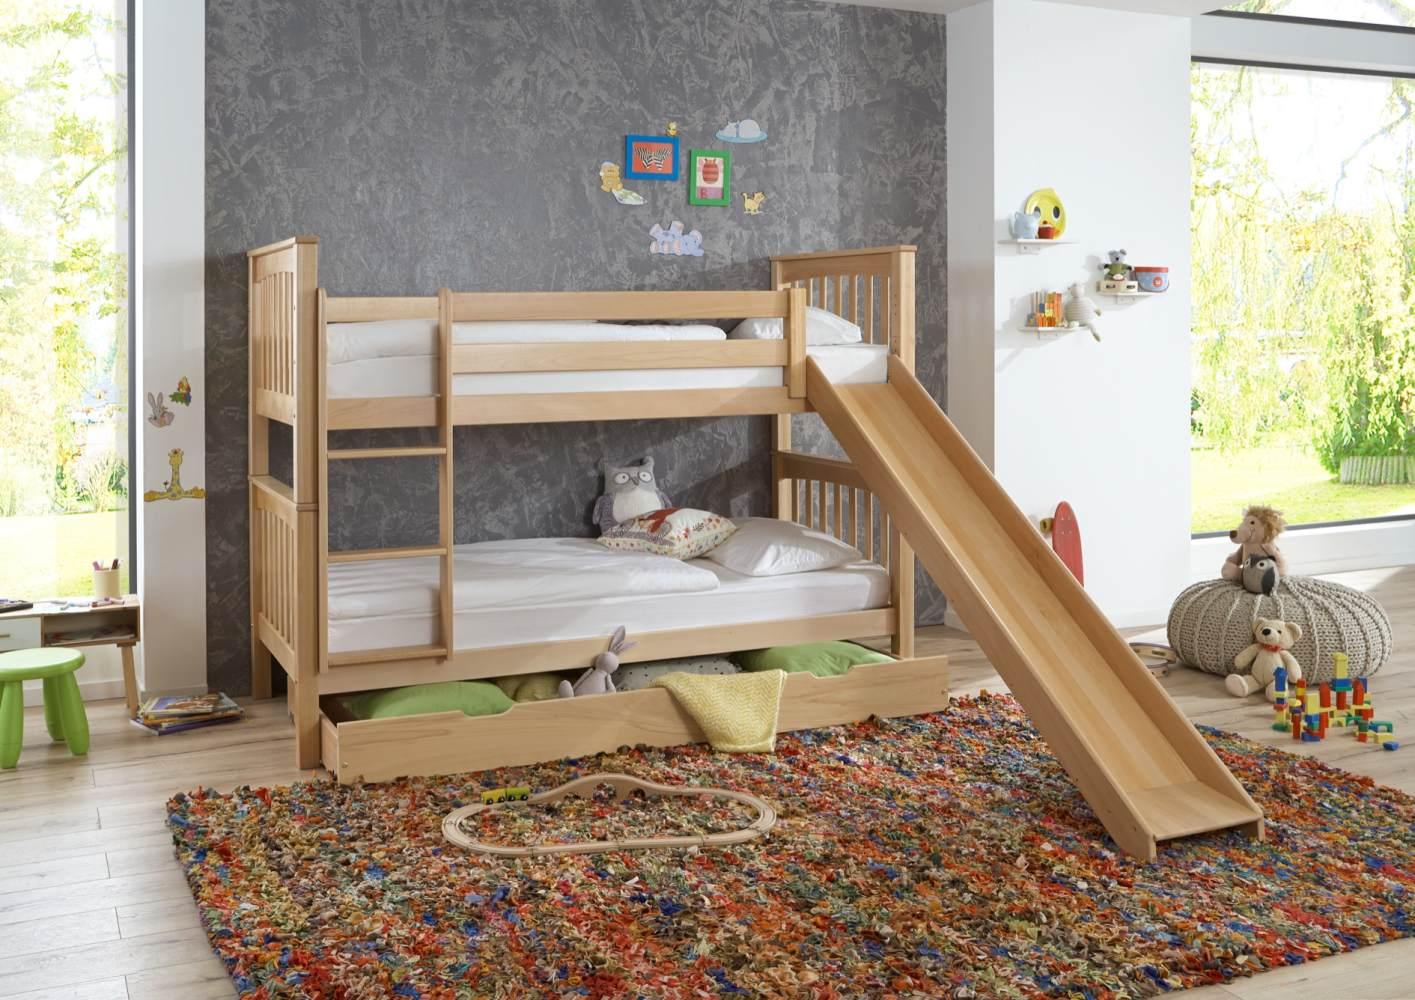 Relita 'Kick' Etagenbett 90x200 cm, natur, mit Rutsche, inkl. Lattenroste und Bettkastenschublade Bild 1